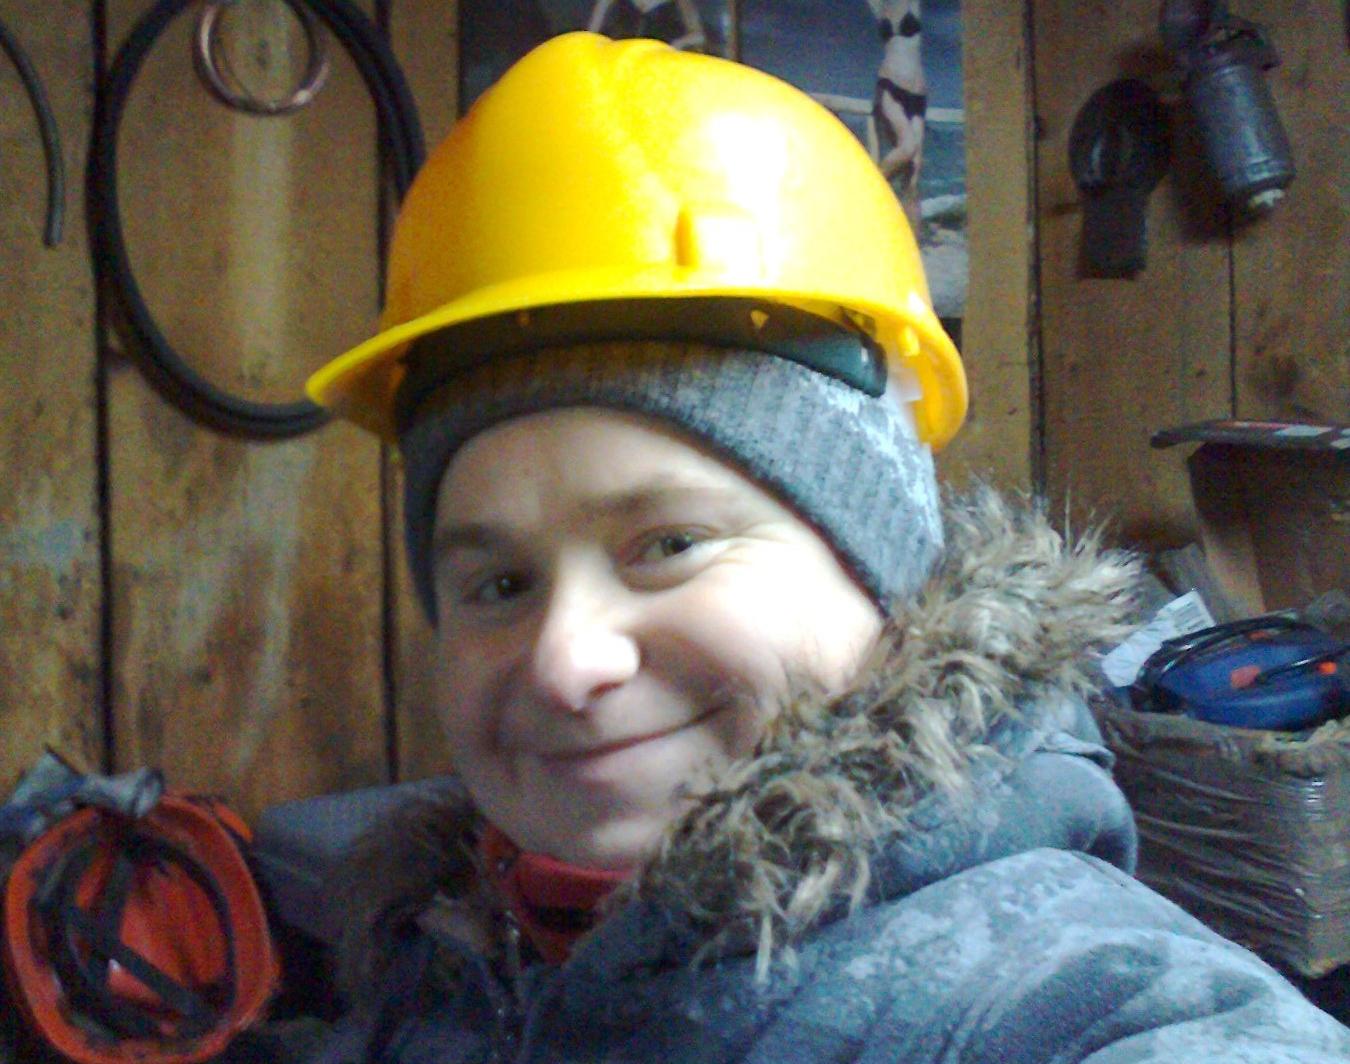 26-letni Piotr ma raka mózgu. Można mu pomóc - Zdjęcie główne